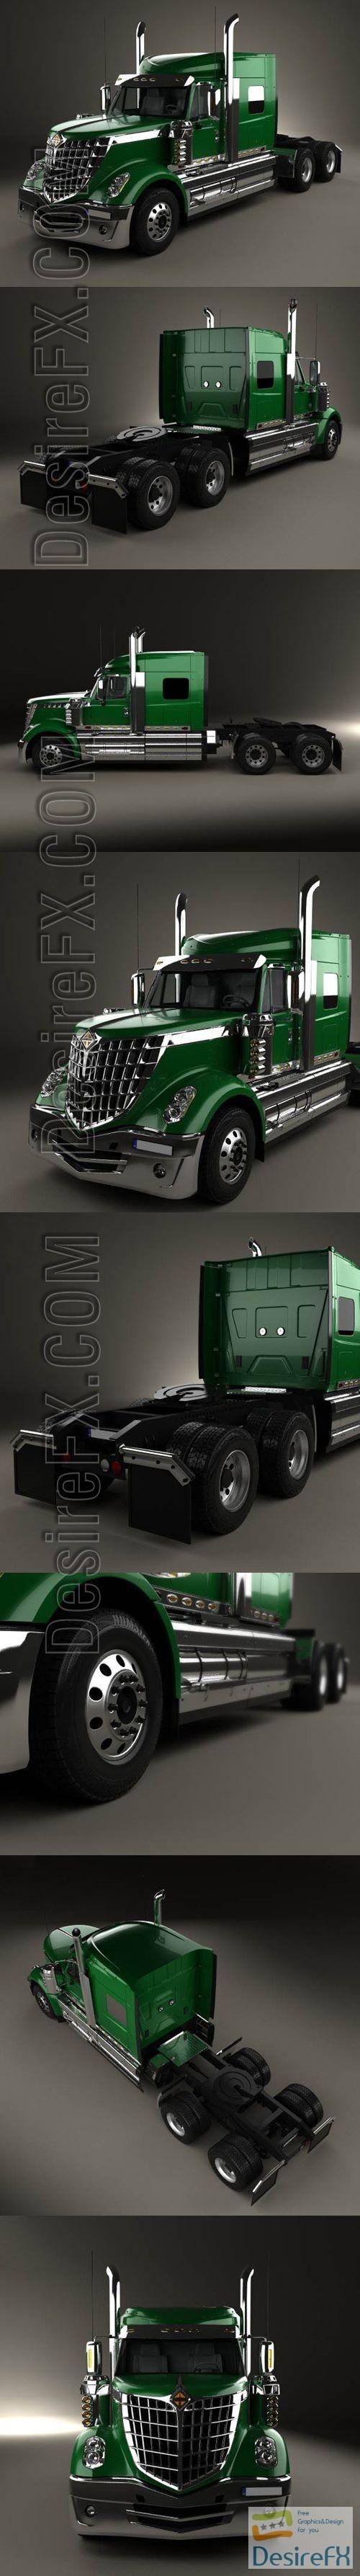 3d-models - International LoneStar Tractor Truck 2008 3D Model